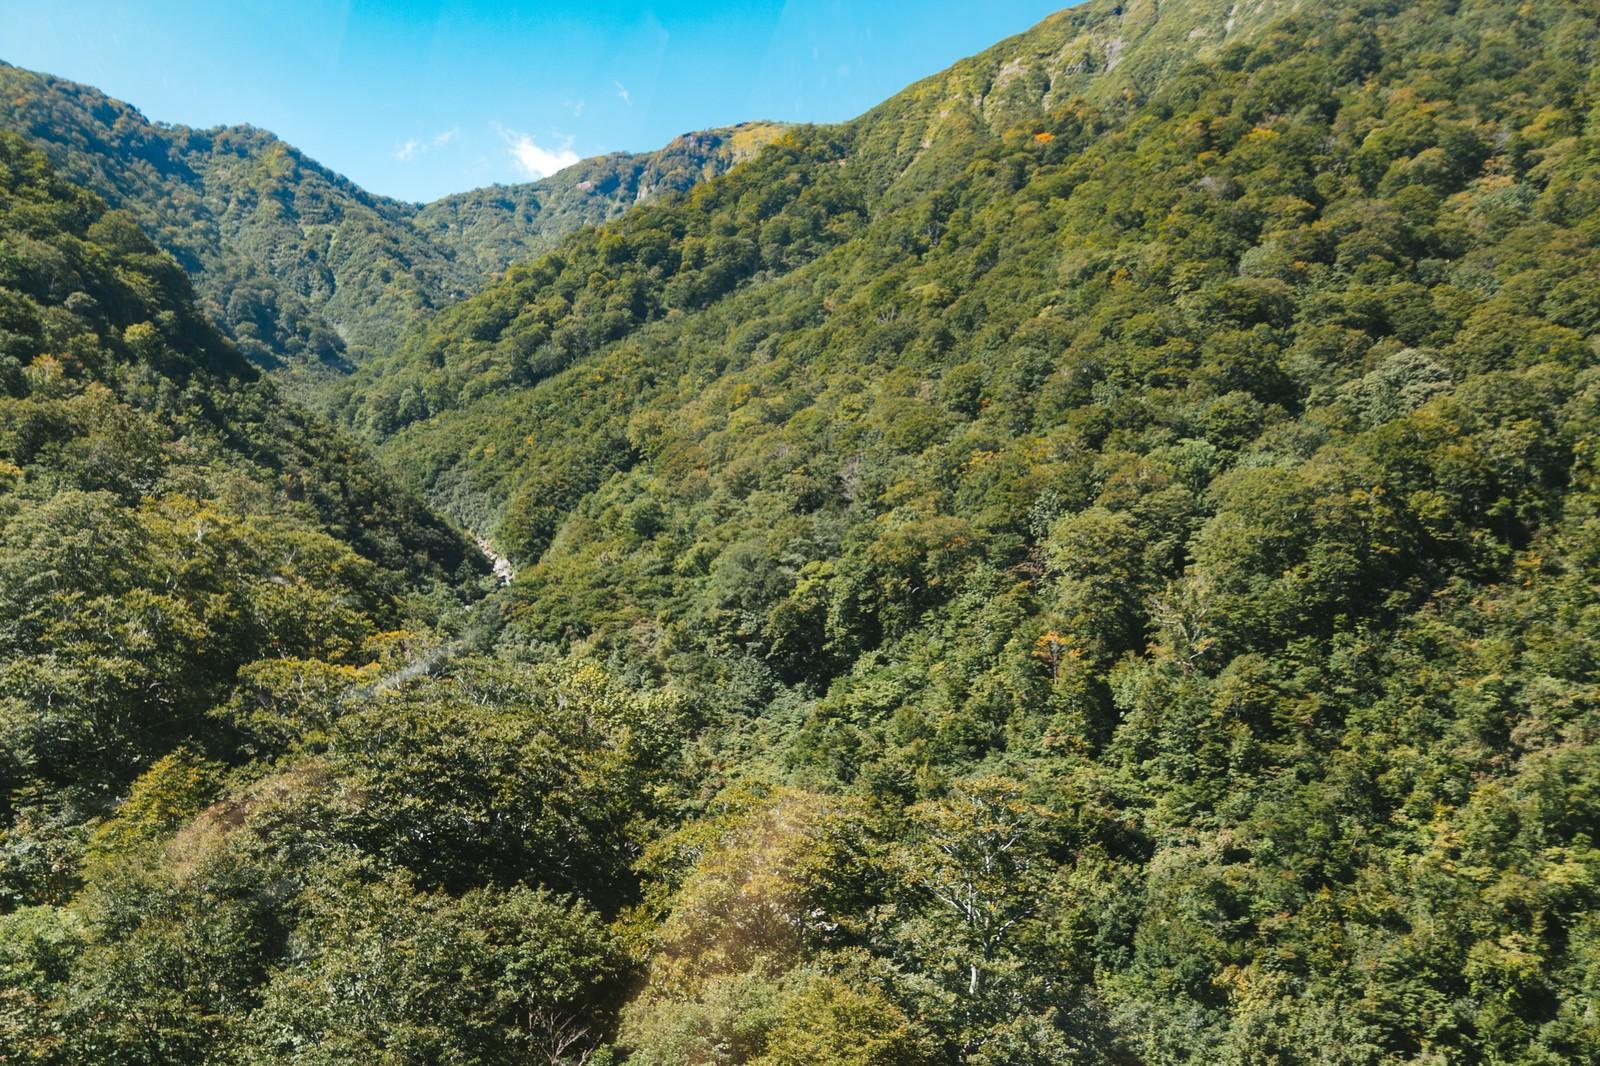 「谷川岳付近の山」の写真